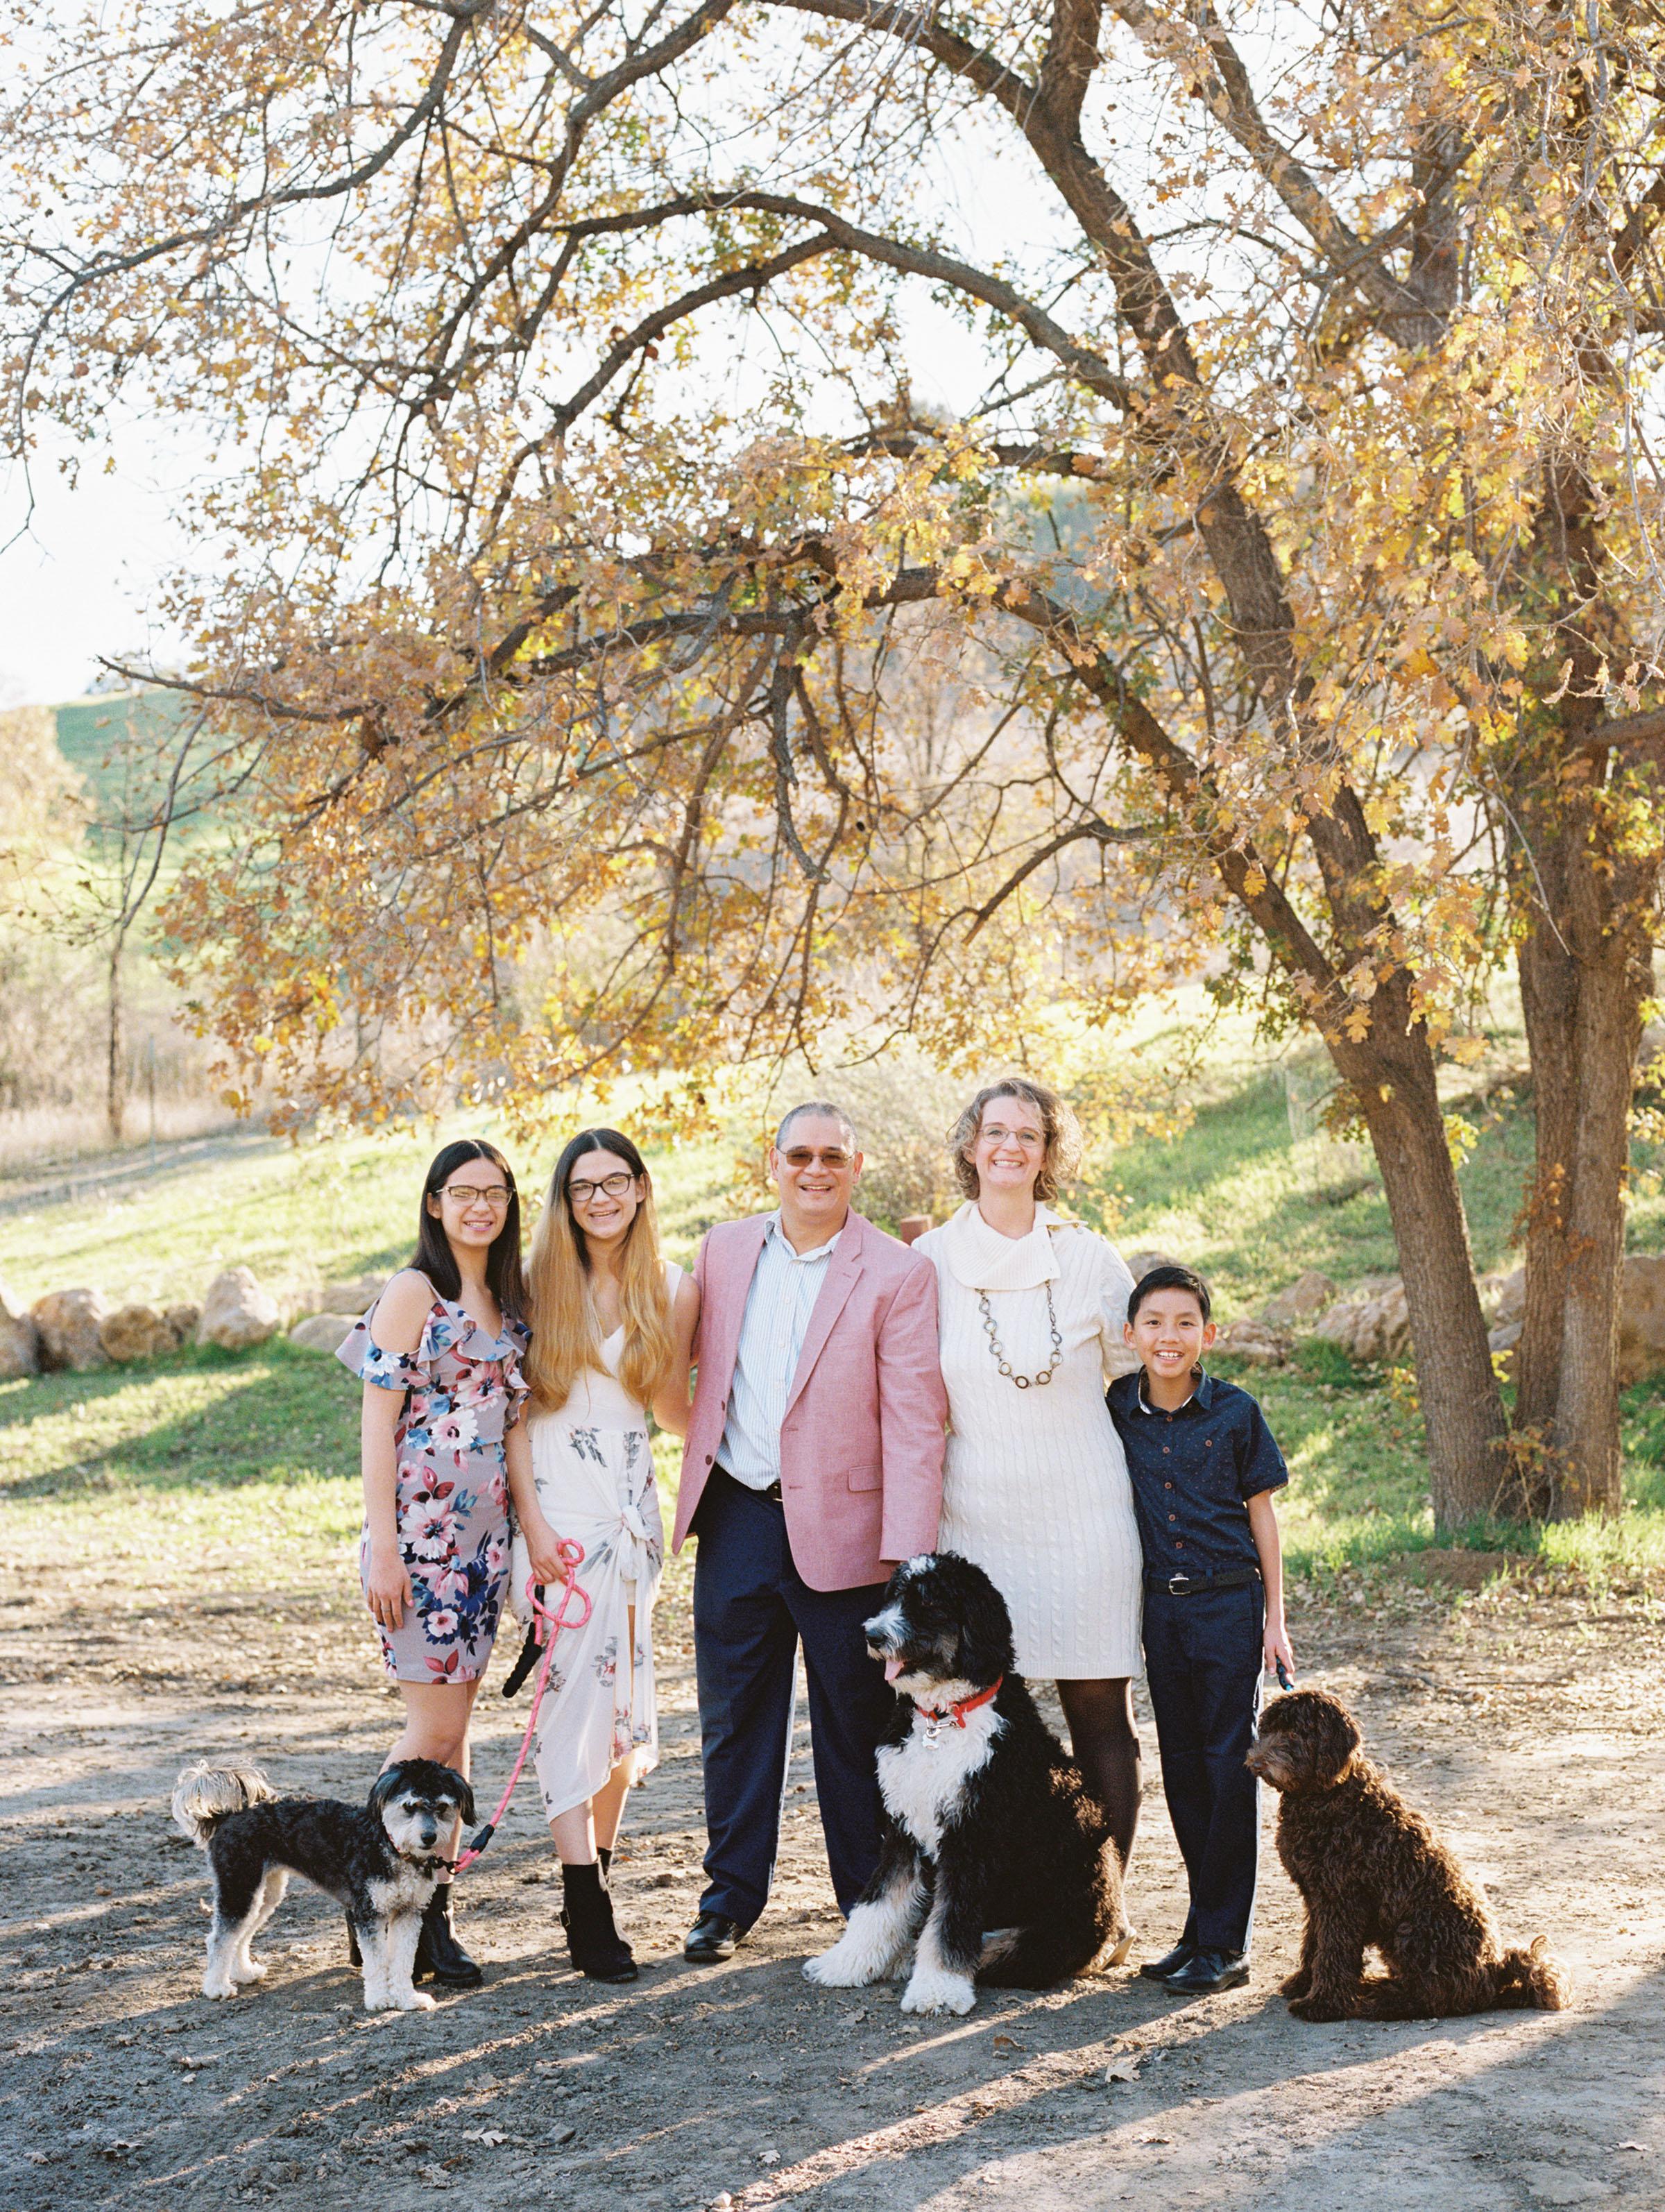 Agoura Hills Family Photo